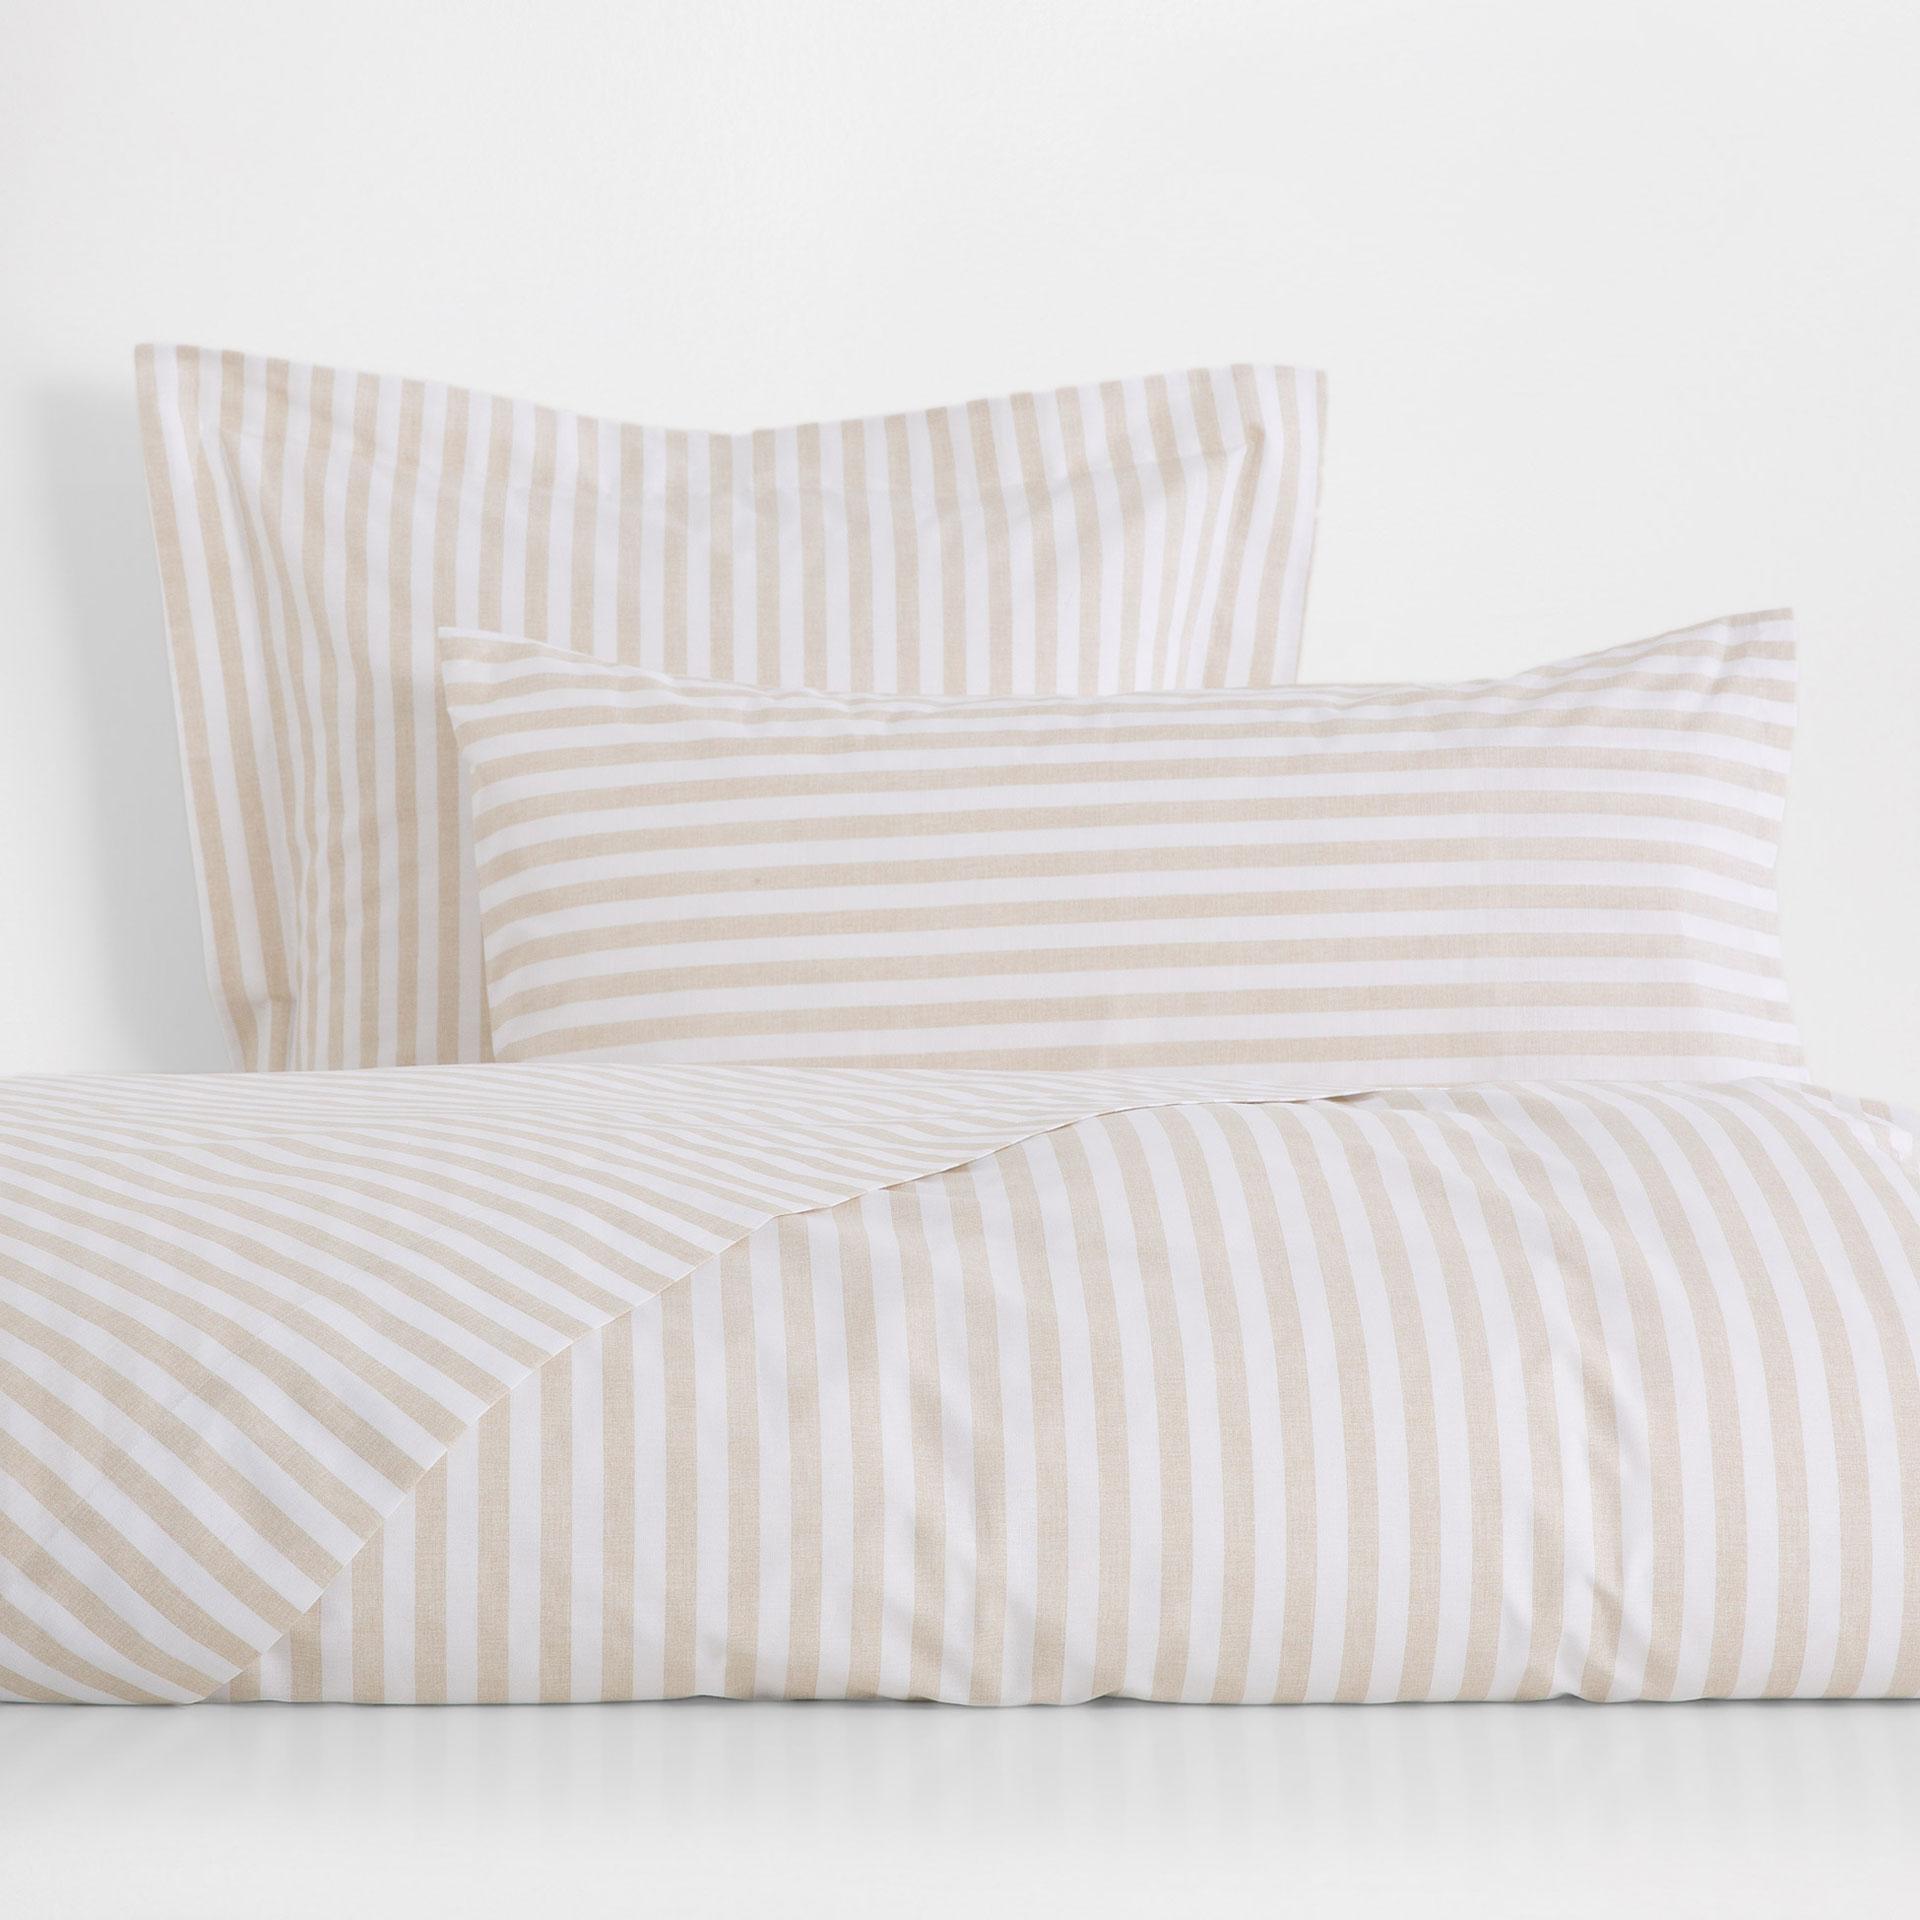 beige stripe print duvet cover  duvet covers  bedroom  zara  -  image  of the product beige stripe print duvet cover